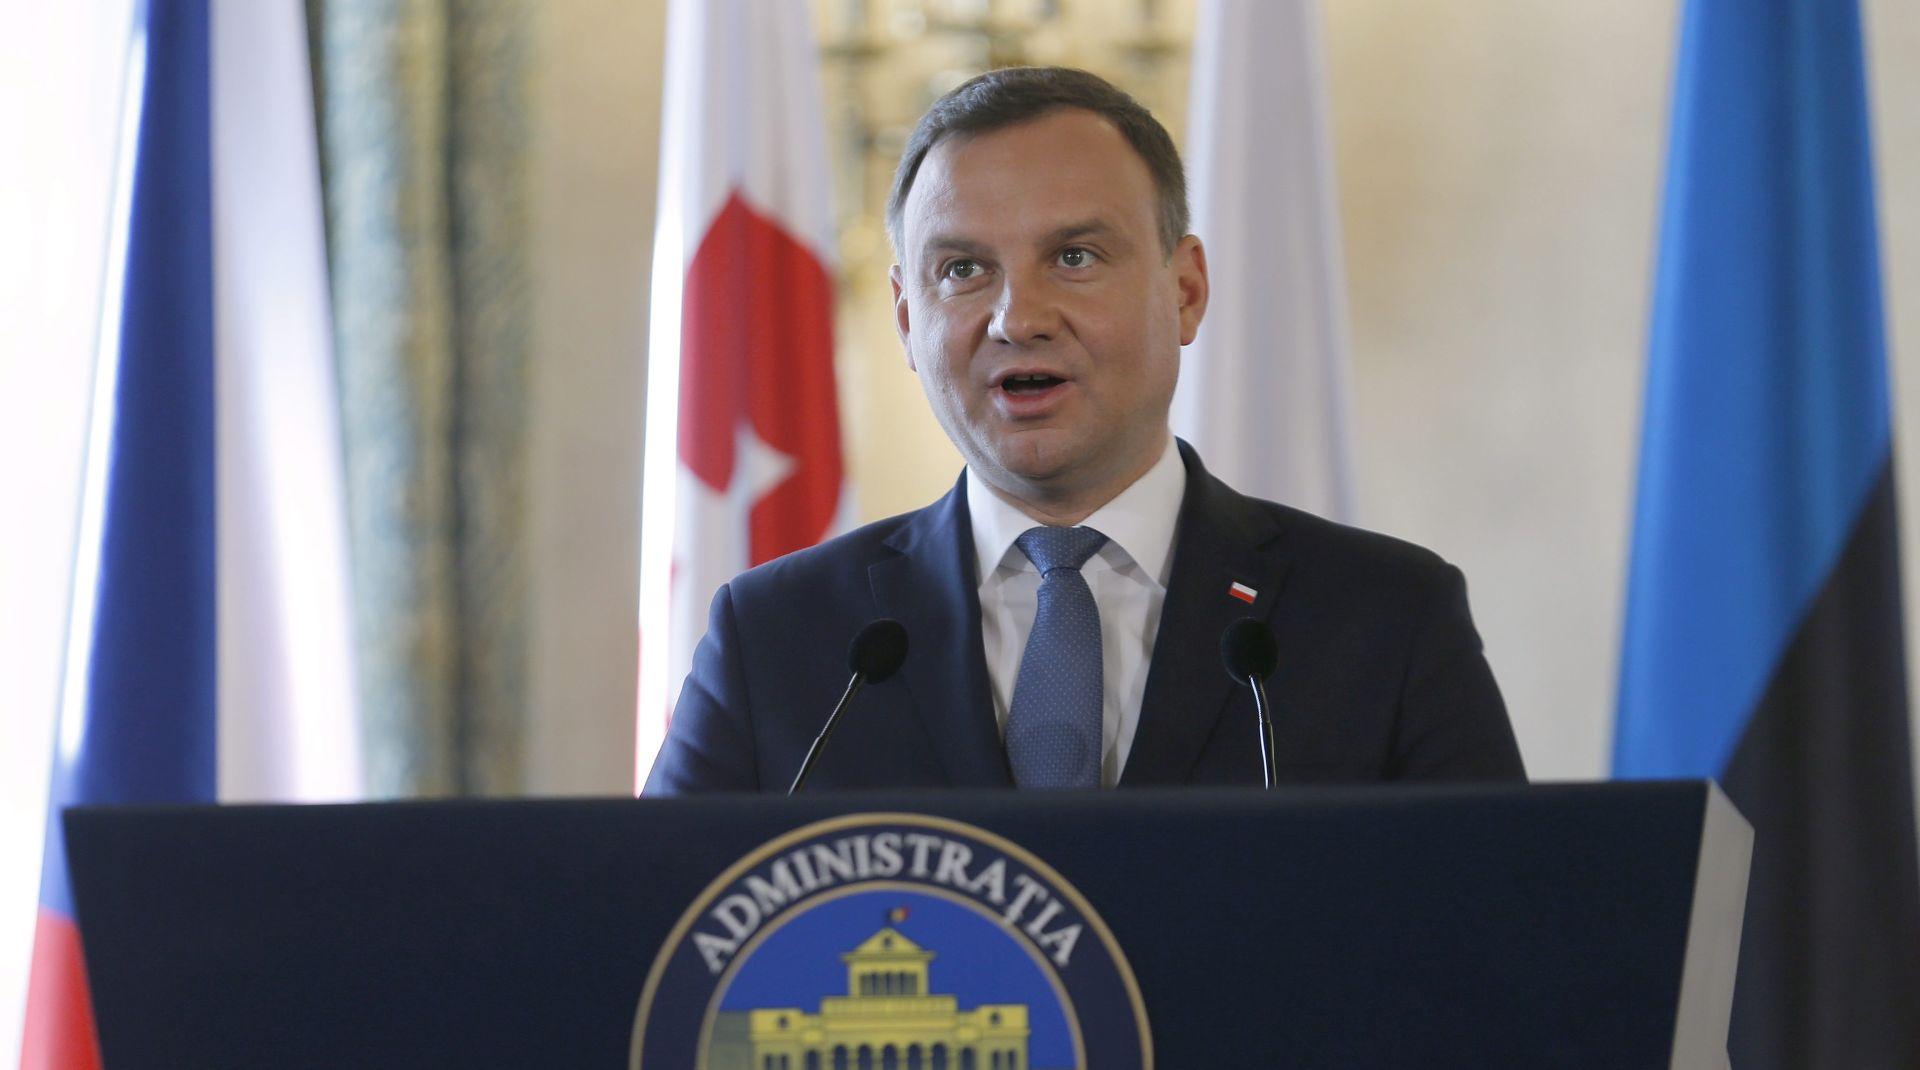 """Zemlje srednje i istočne Europe i Baltika zabrinute zbog """"agresivnog"""" stava Rusije"""